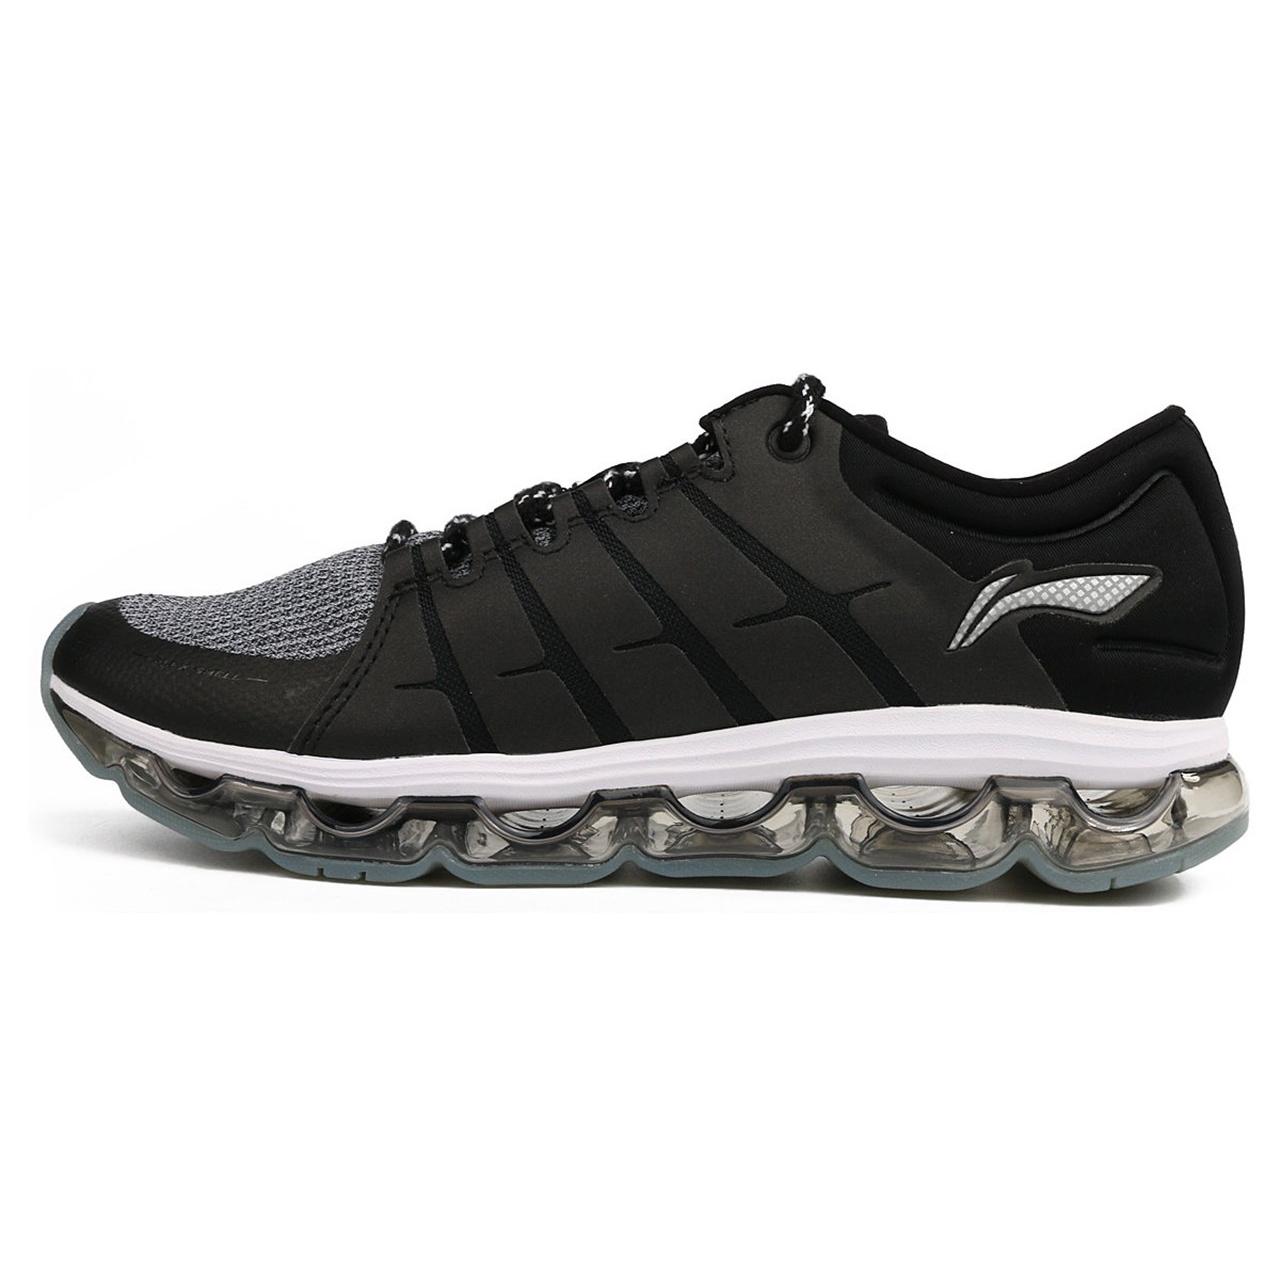 کفش مخصوص دویدن زنانه لی نینگ مدل ARHM022-1B